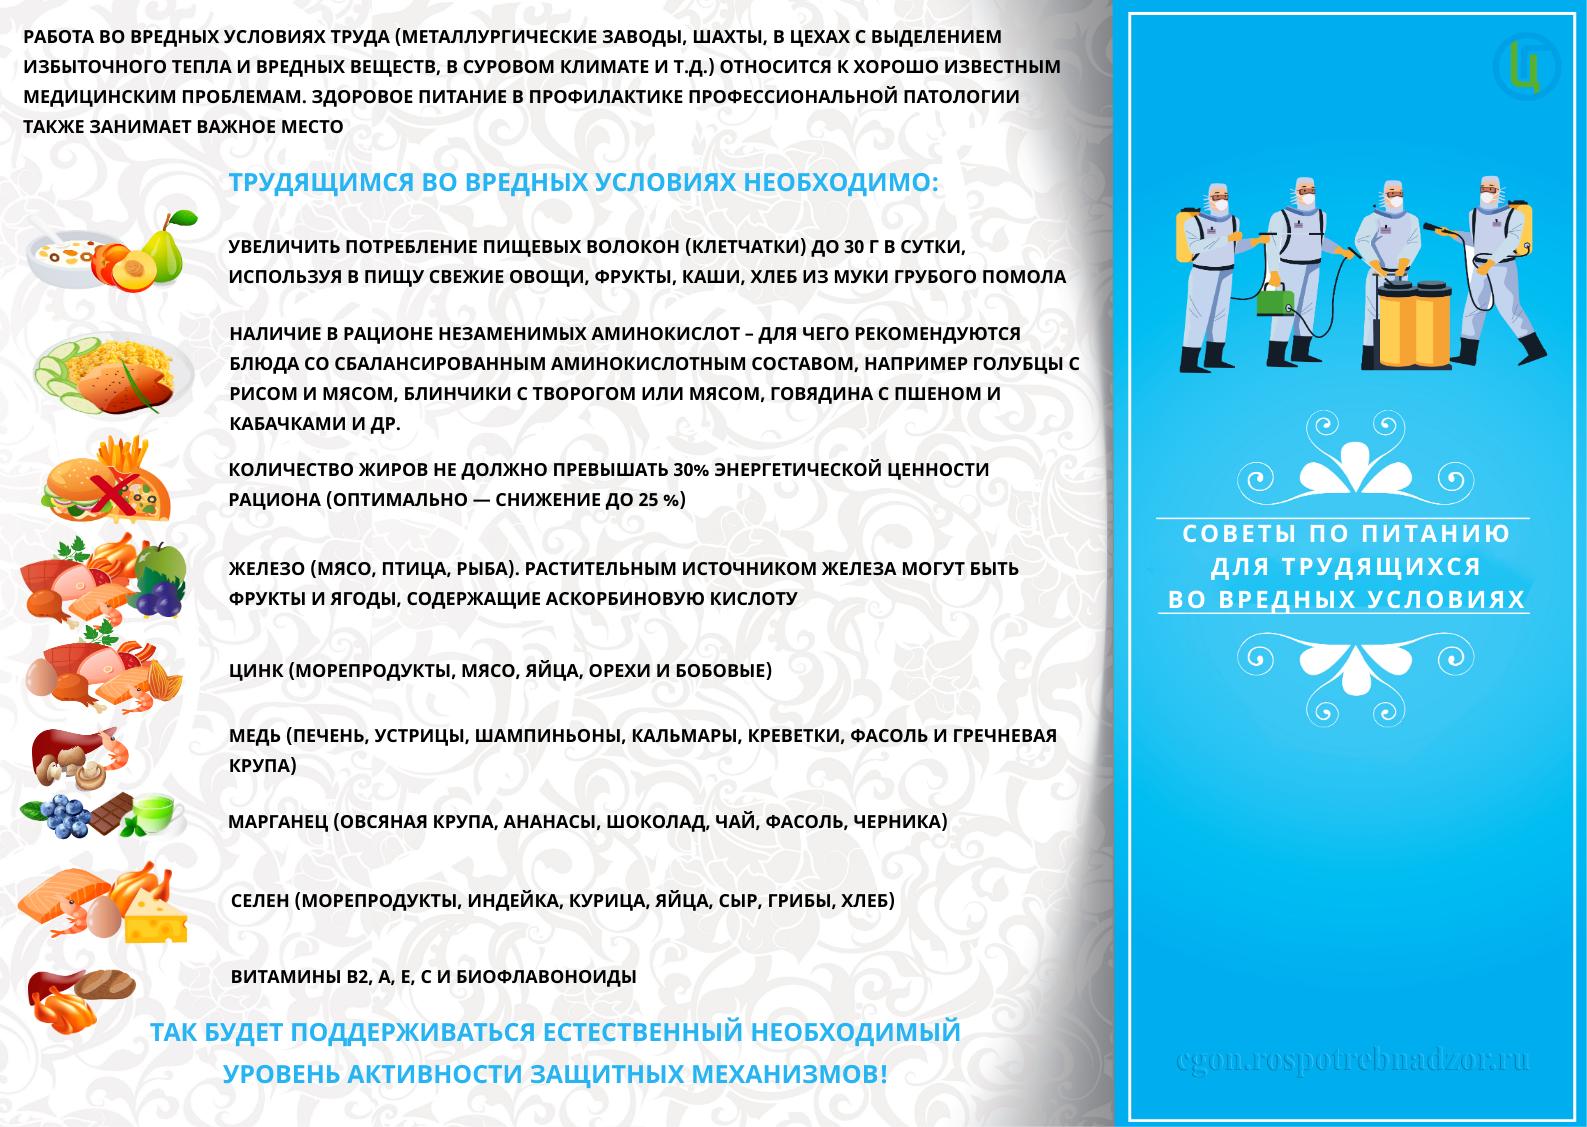 Trudyashchimsya_1